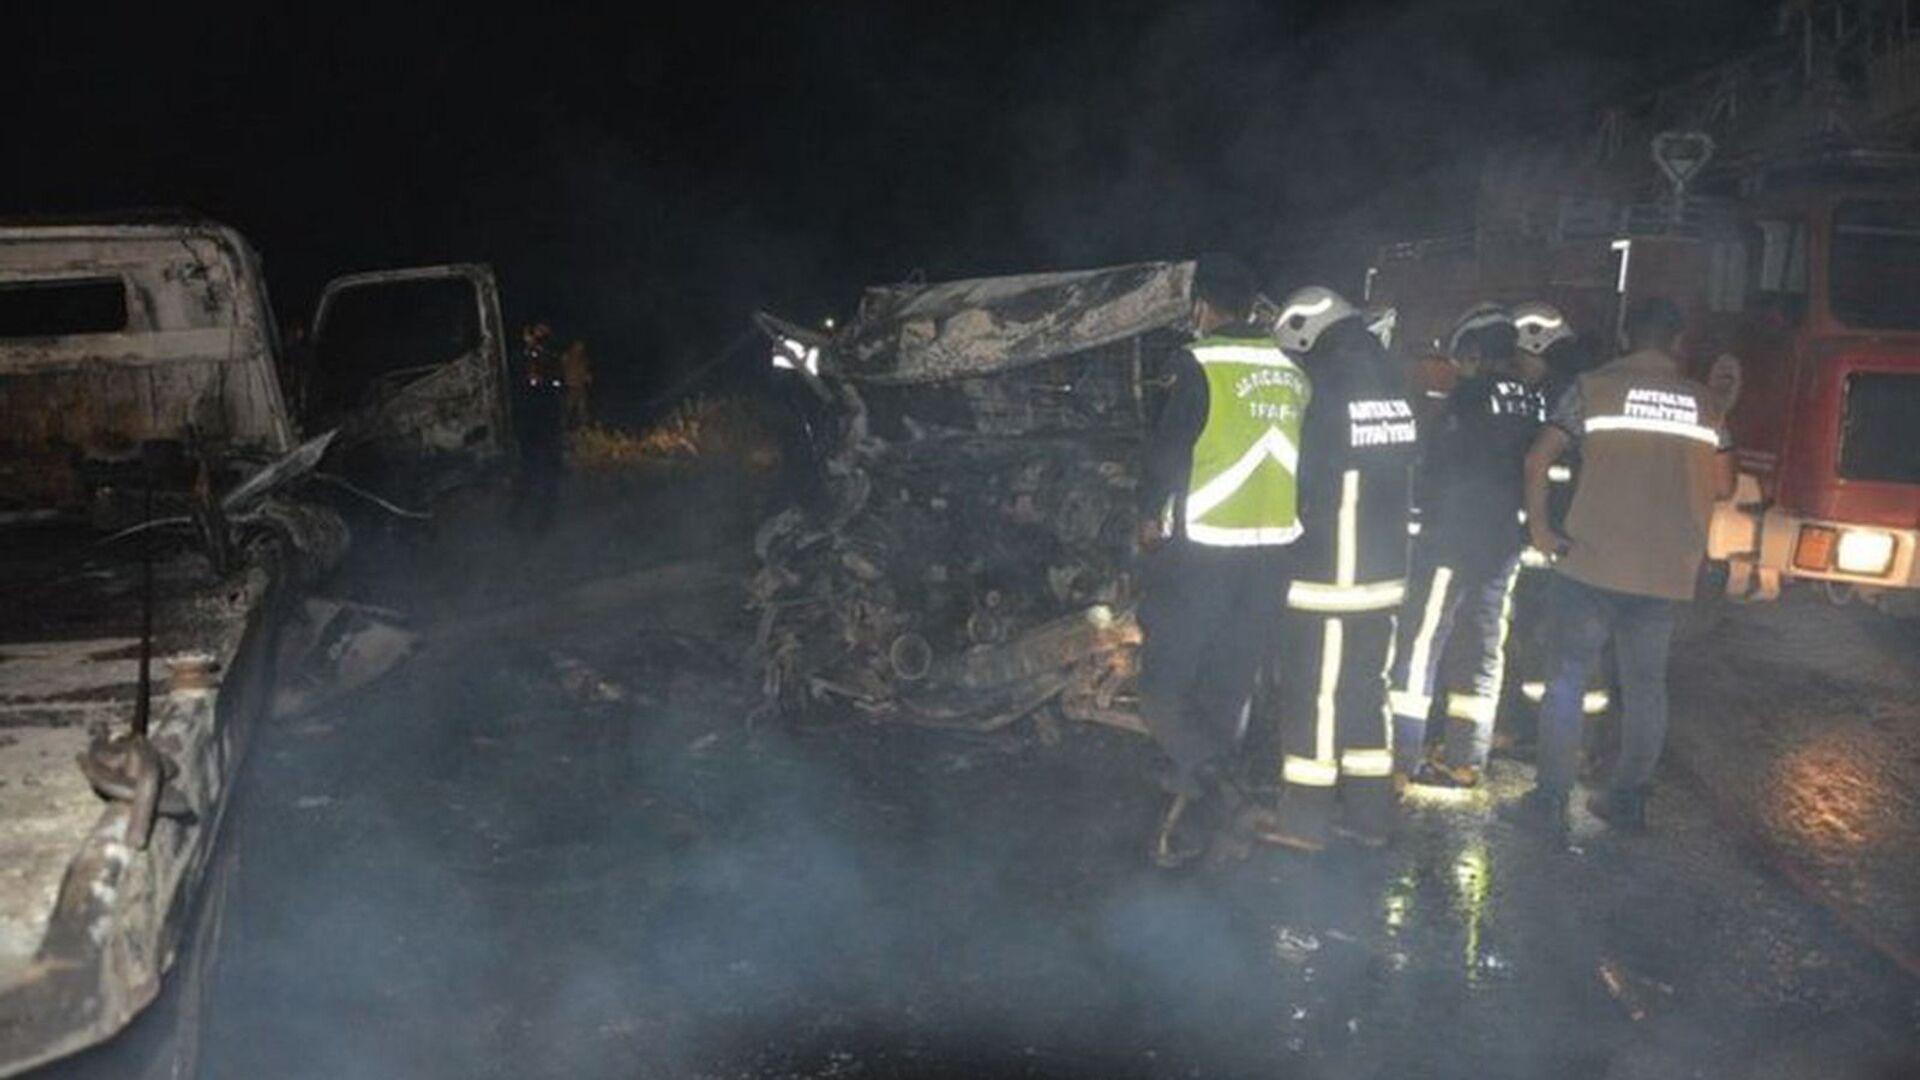 Antalya'da çekici ile kamyonet çarpıştı: 2 kişi yanarak öldü - Sputnik Türkiye, 1920, 04.05.2021